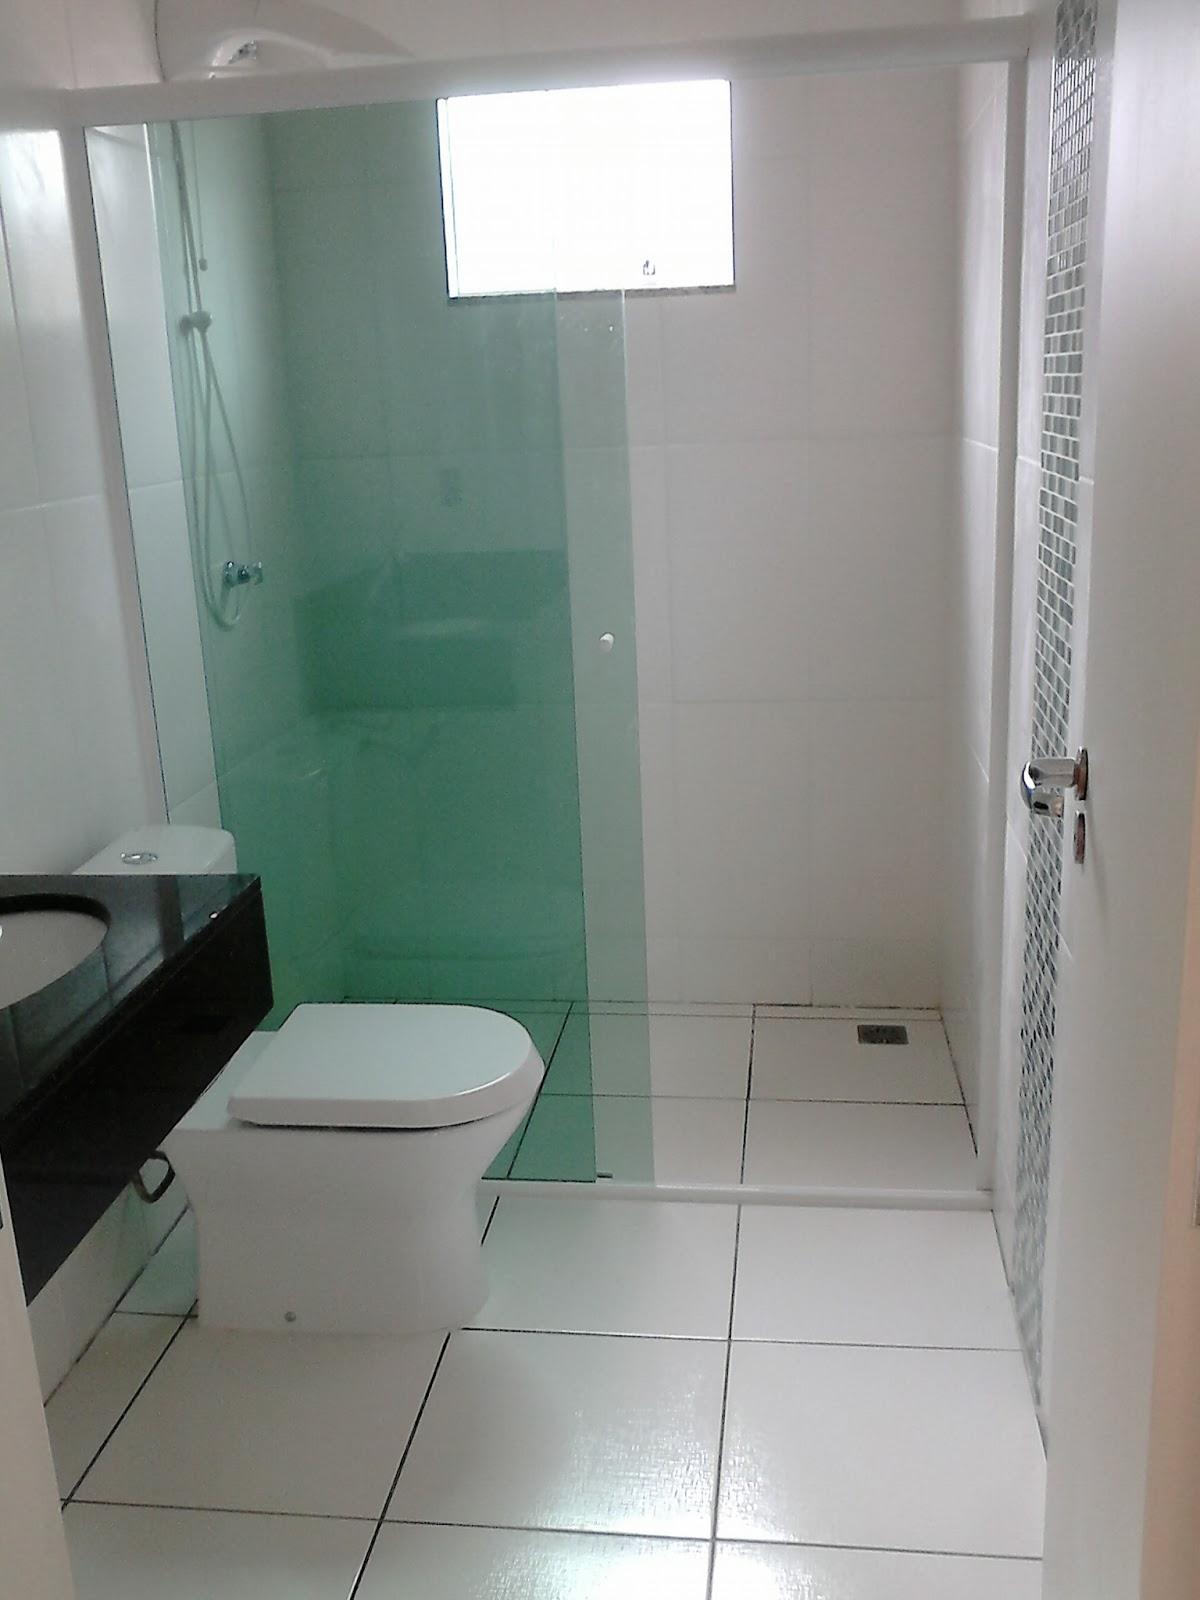 Odisseia Habitacional: Banheiros prontos e limpos #34614D 1200 1600